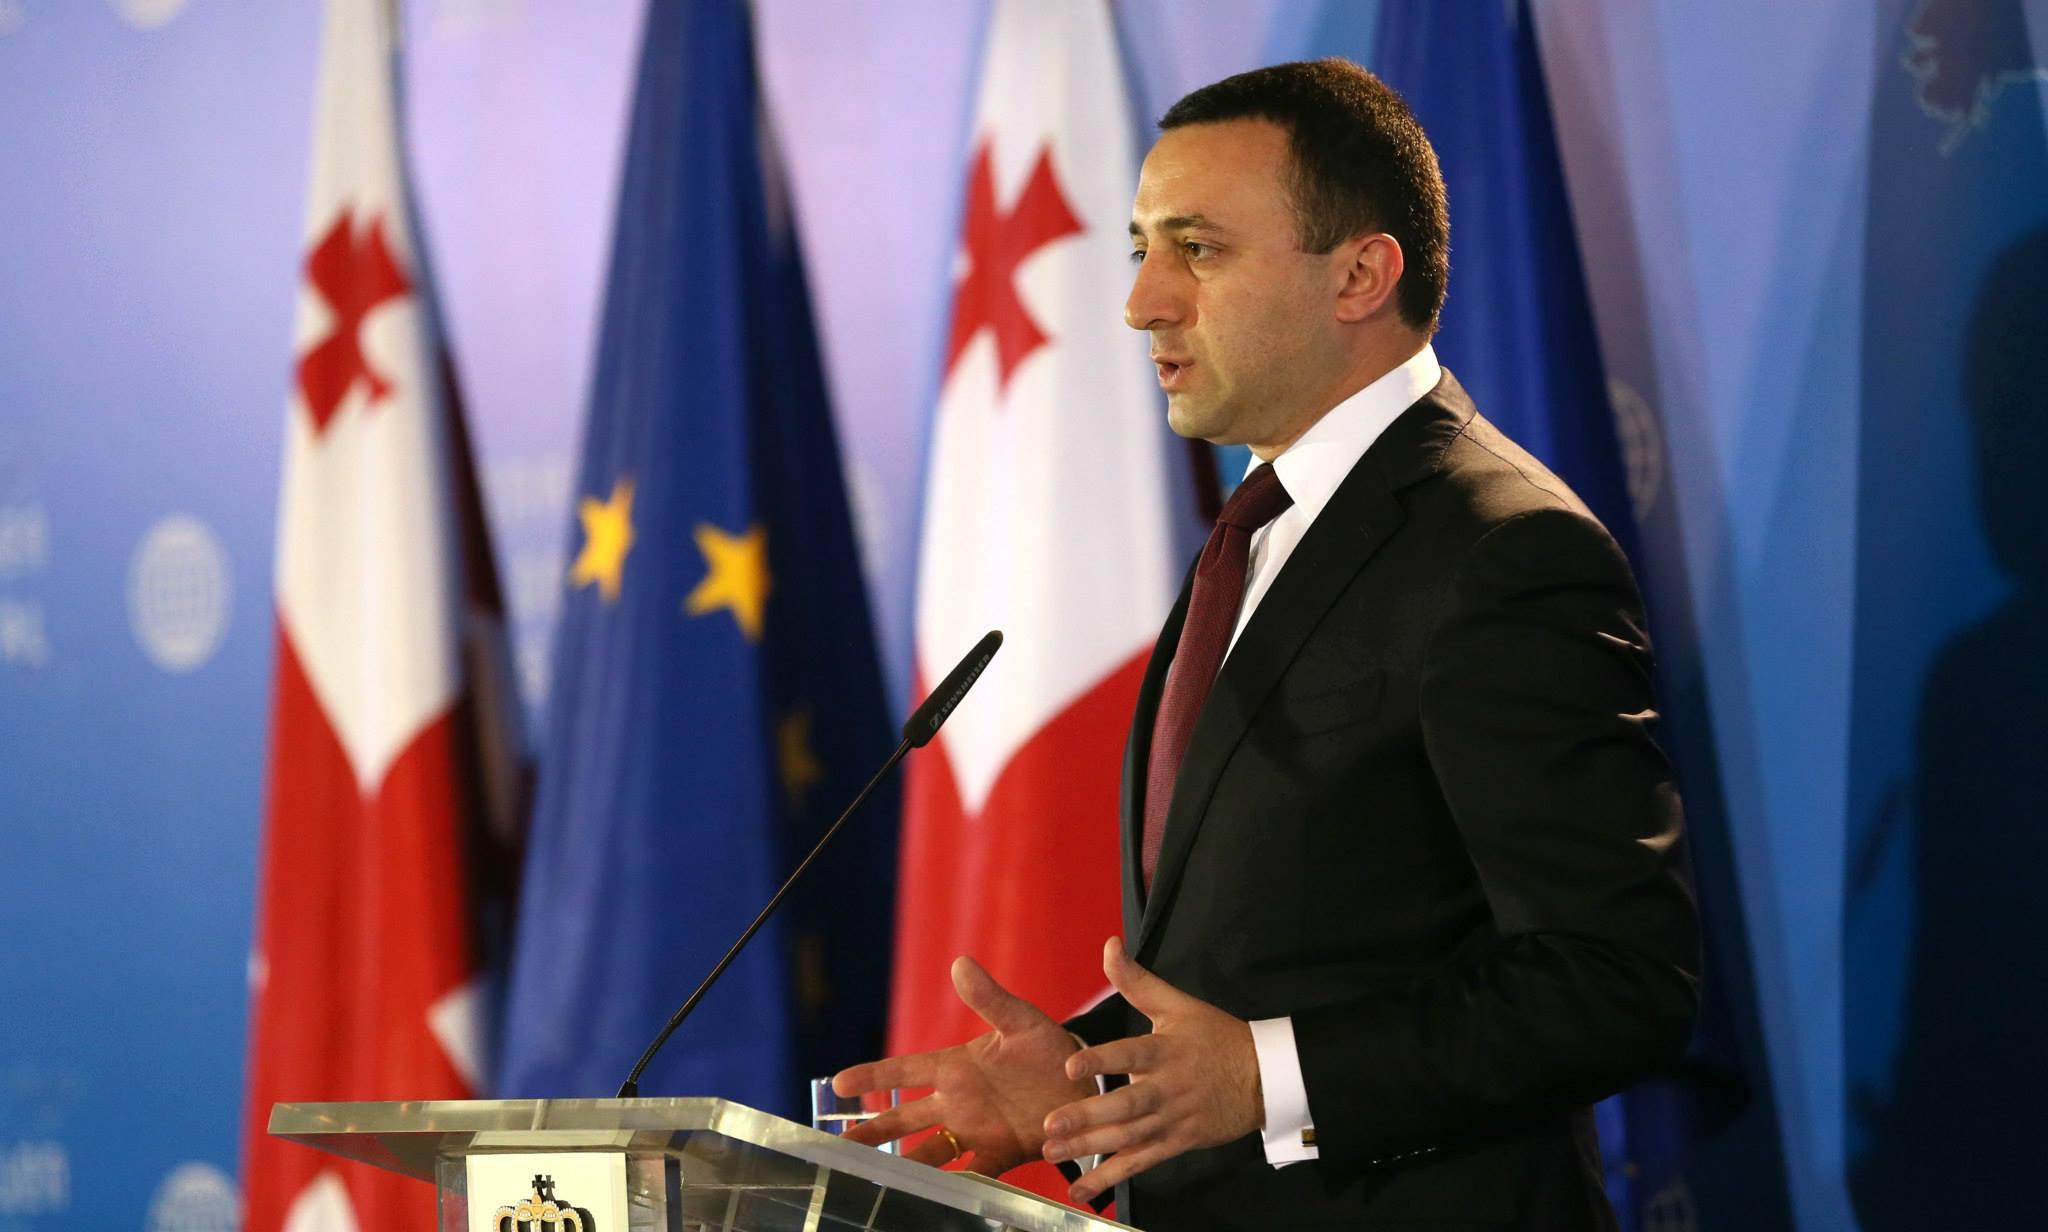 Irakly Gharibashvili 4 #новости День независимости Грузии, Ираклий Гарибашвили, Премьер-министр Грузии